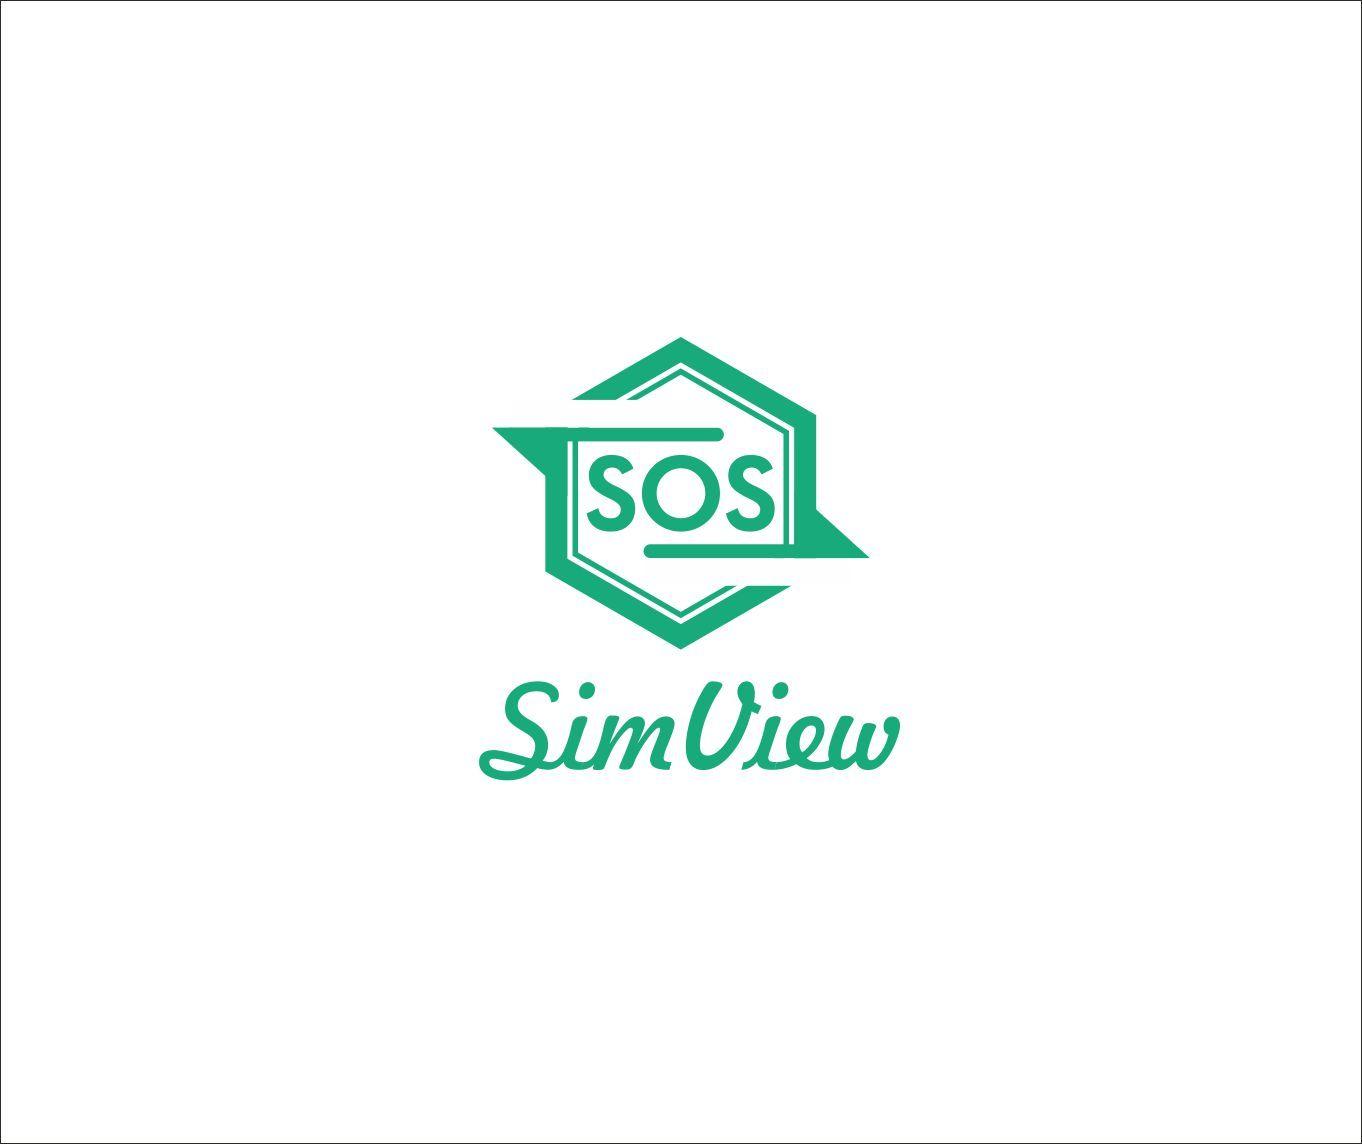 SimView лого и фирменный стиль - дизайнер art-valeri